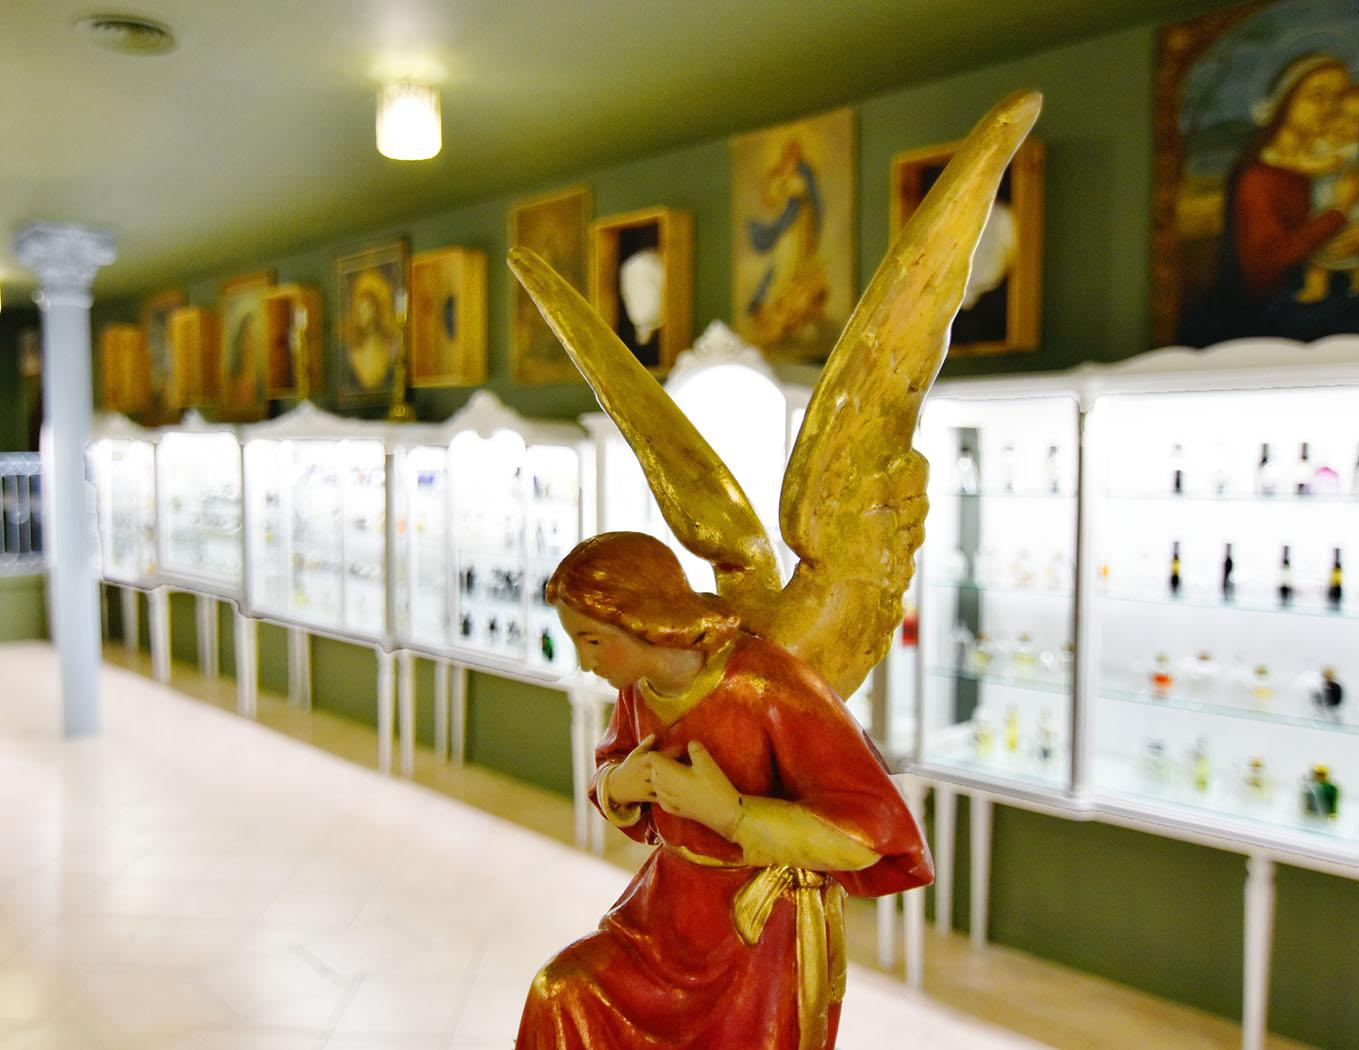 Detalle de la decoración de esta galería, que aúna lo moderno con lo antiguo y nostálgico